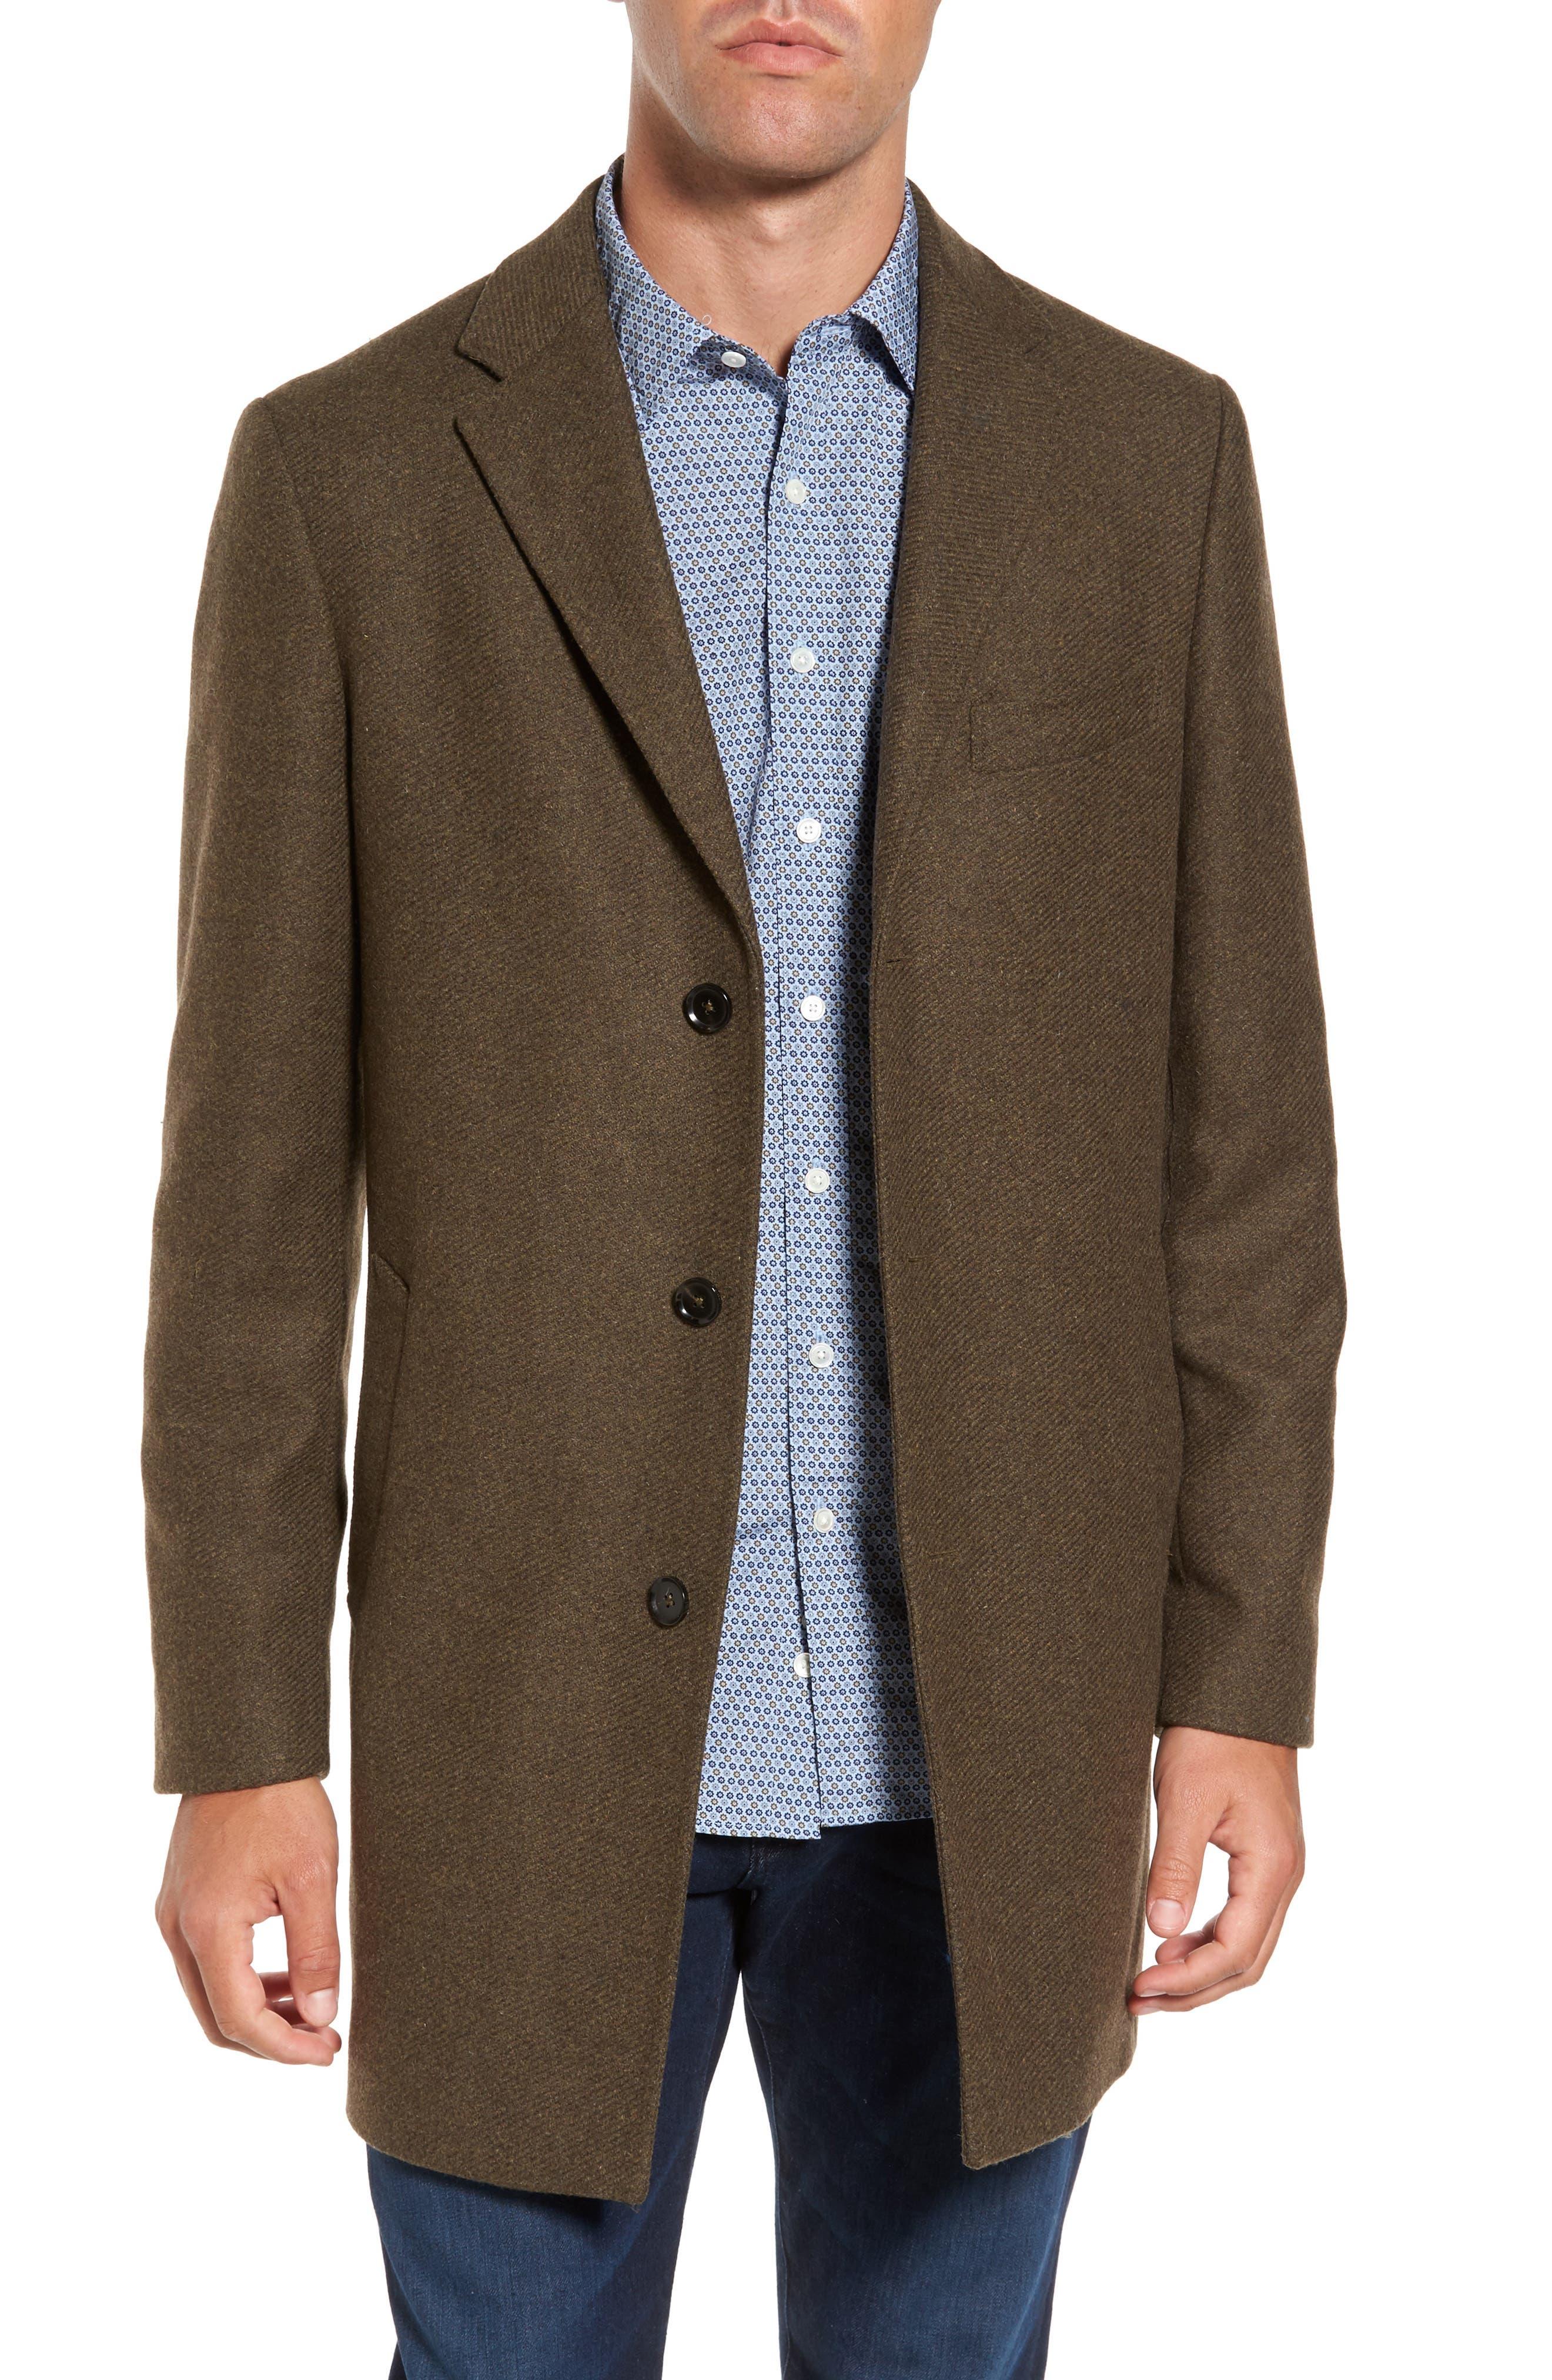 Alternate Image 1 Selected - Rodd & Gunn Stirling Point Wool Blend Coat